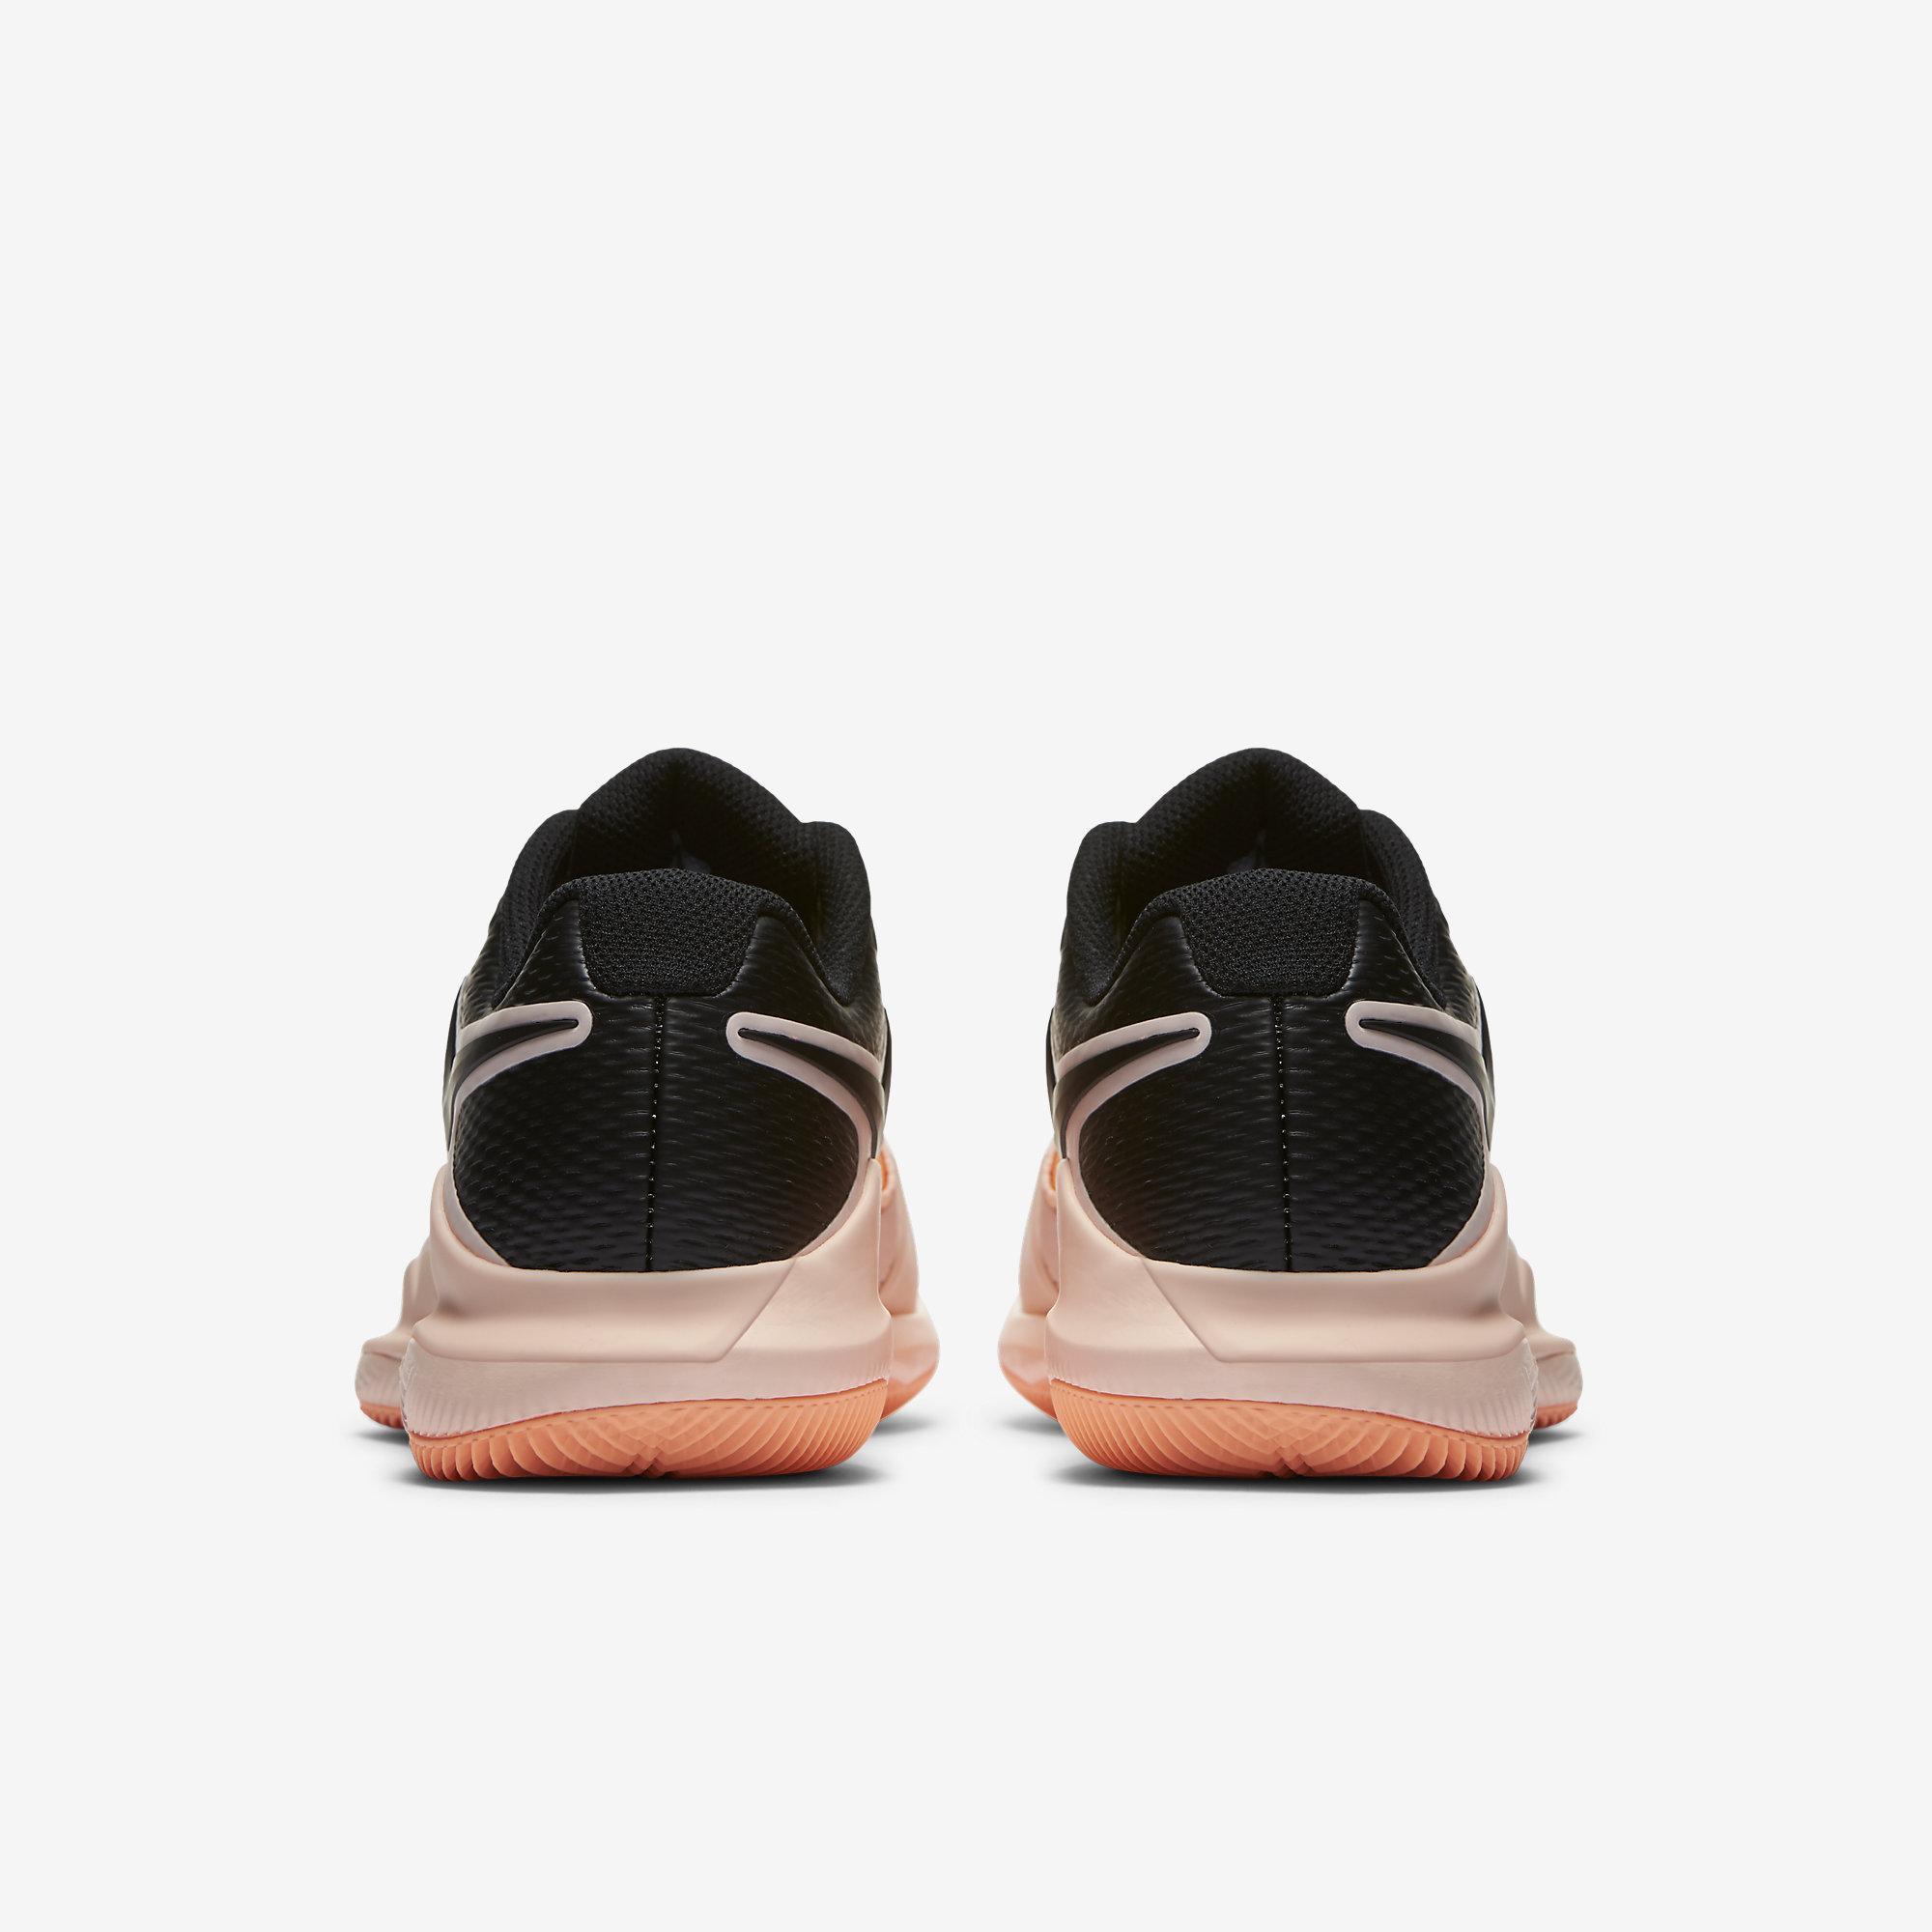 733eeb508 Nike Womens Air Zoom Vapor X Tennis Shoes - Crimson Tint ...